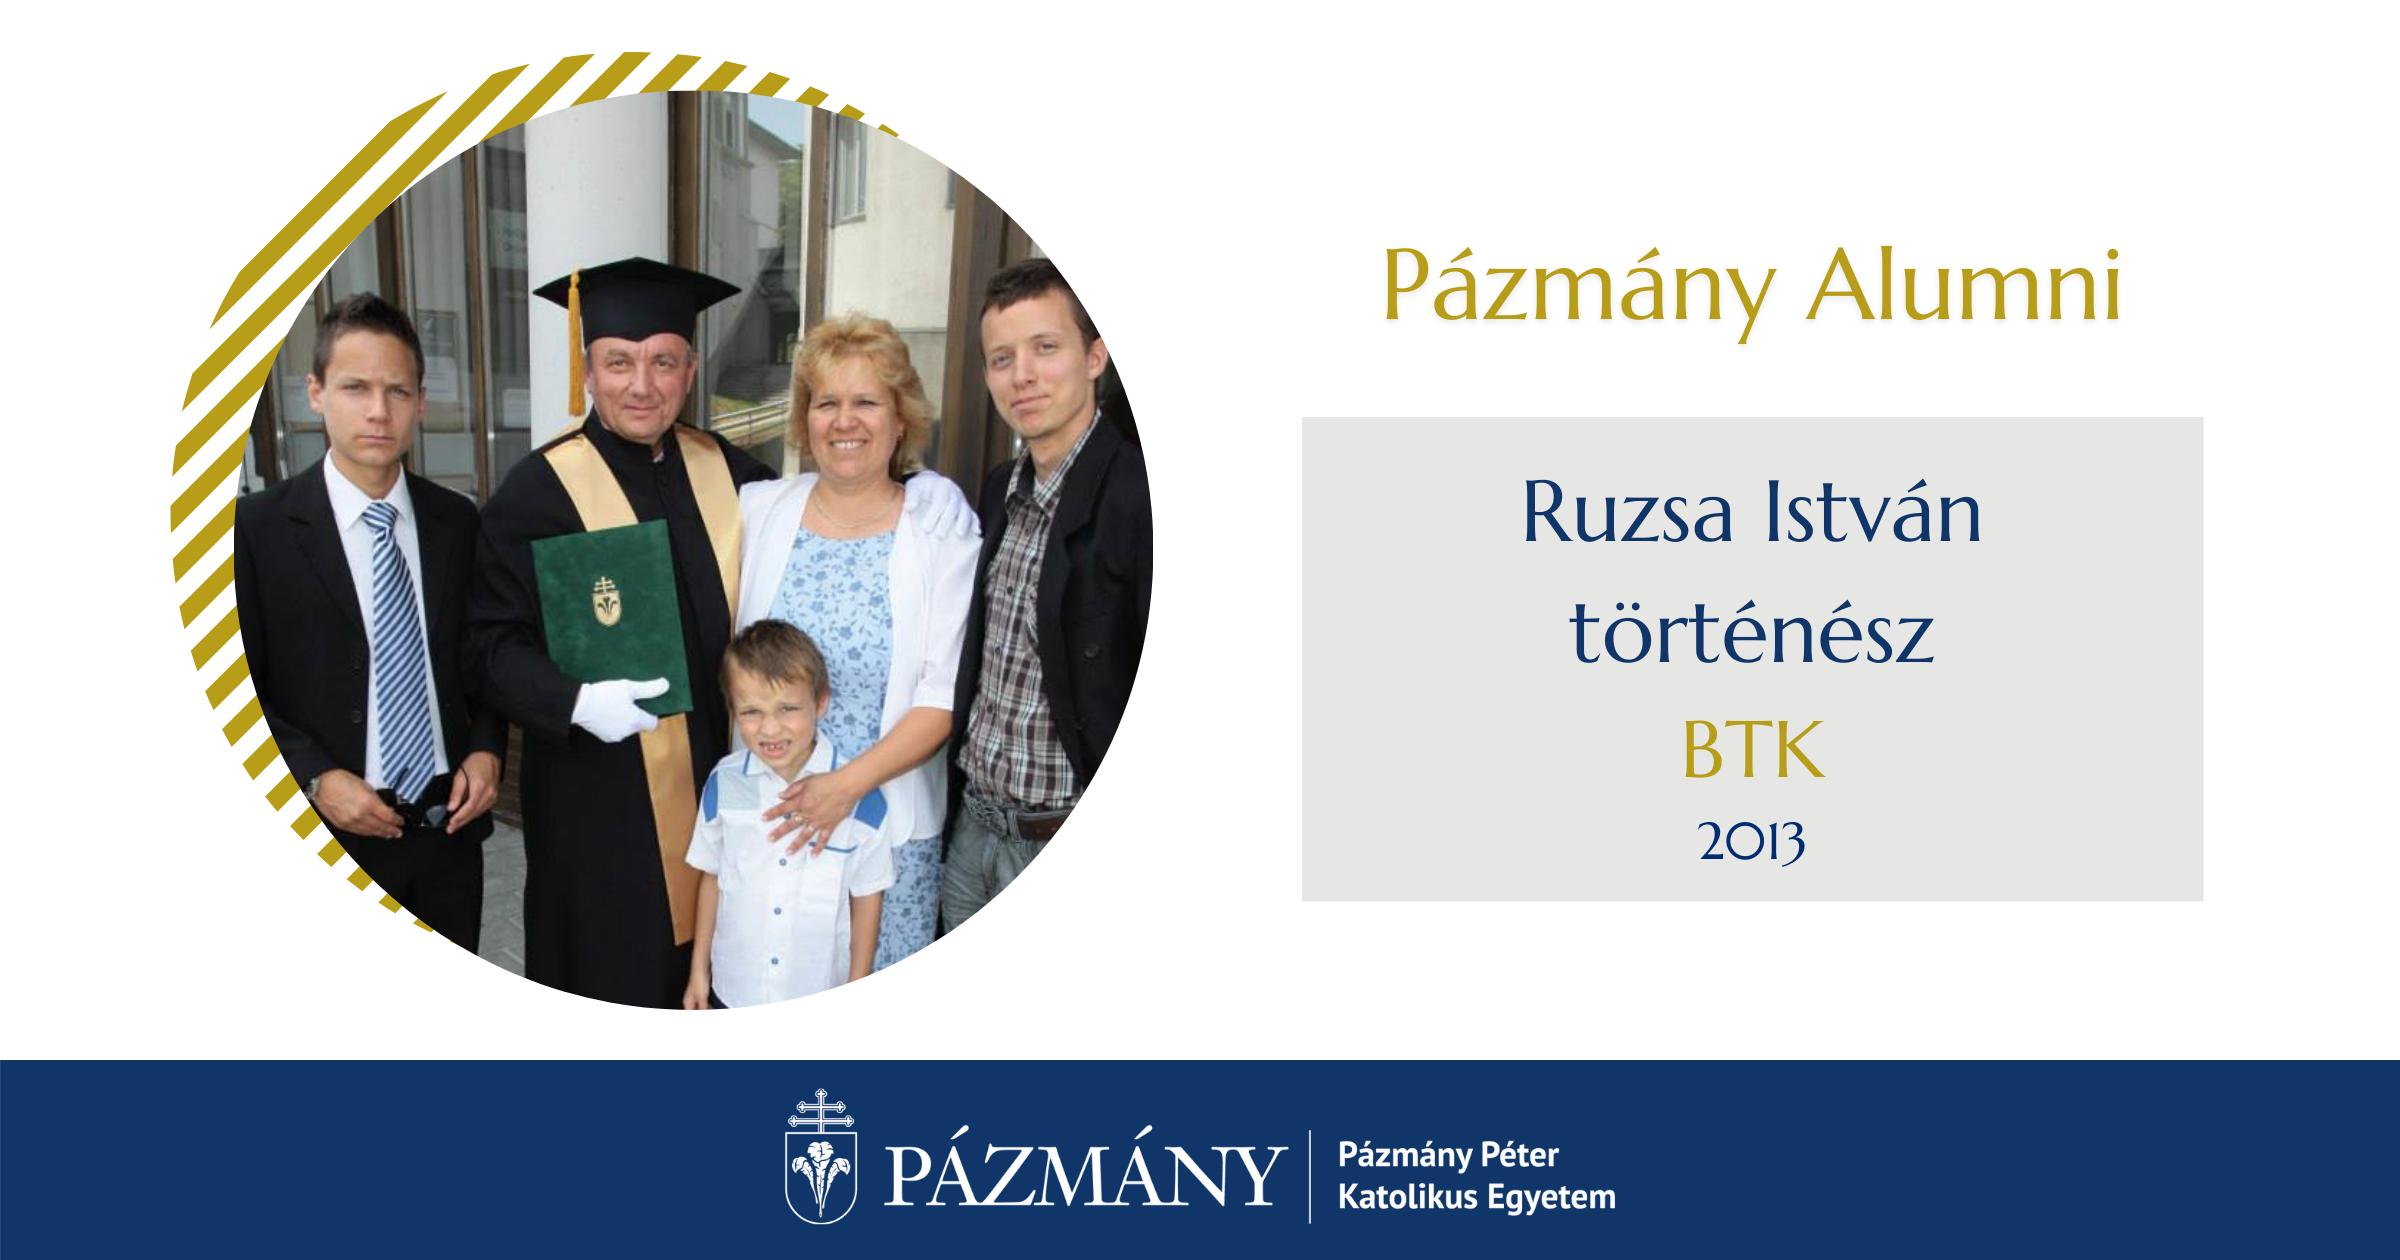 Pázmány Alumni: interjú Ruzsa Istvánnal, a BTK egykori hallgatójával